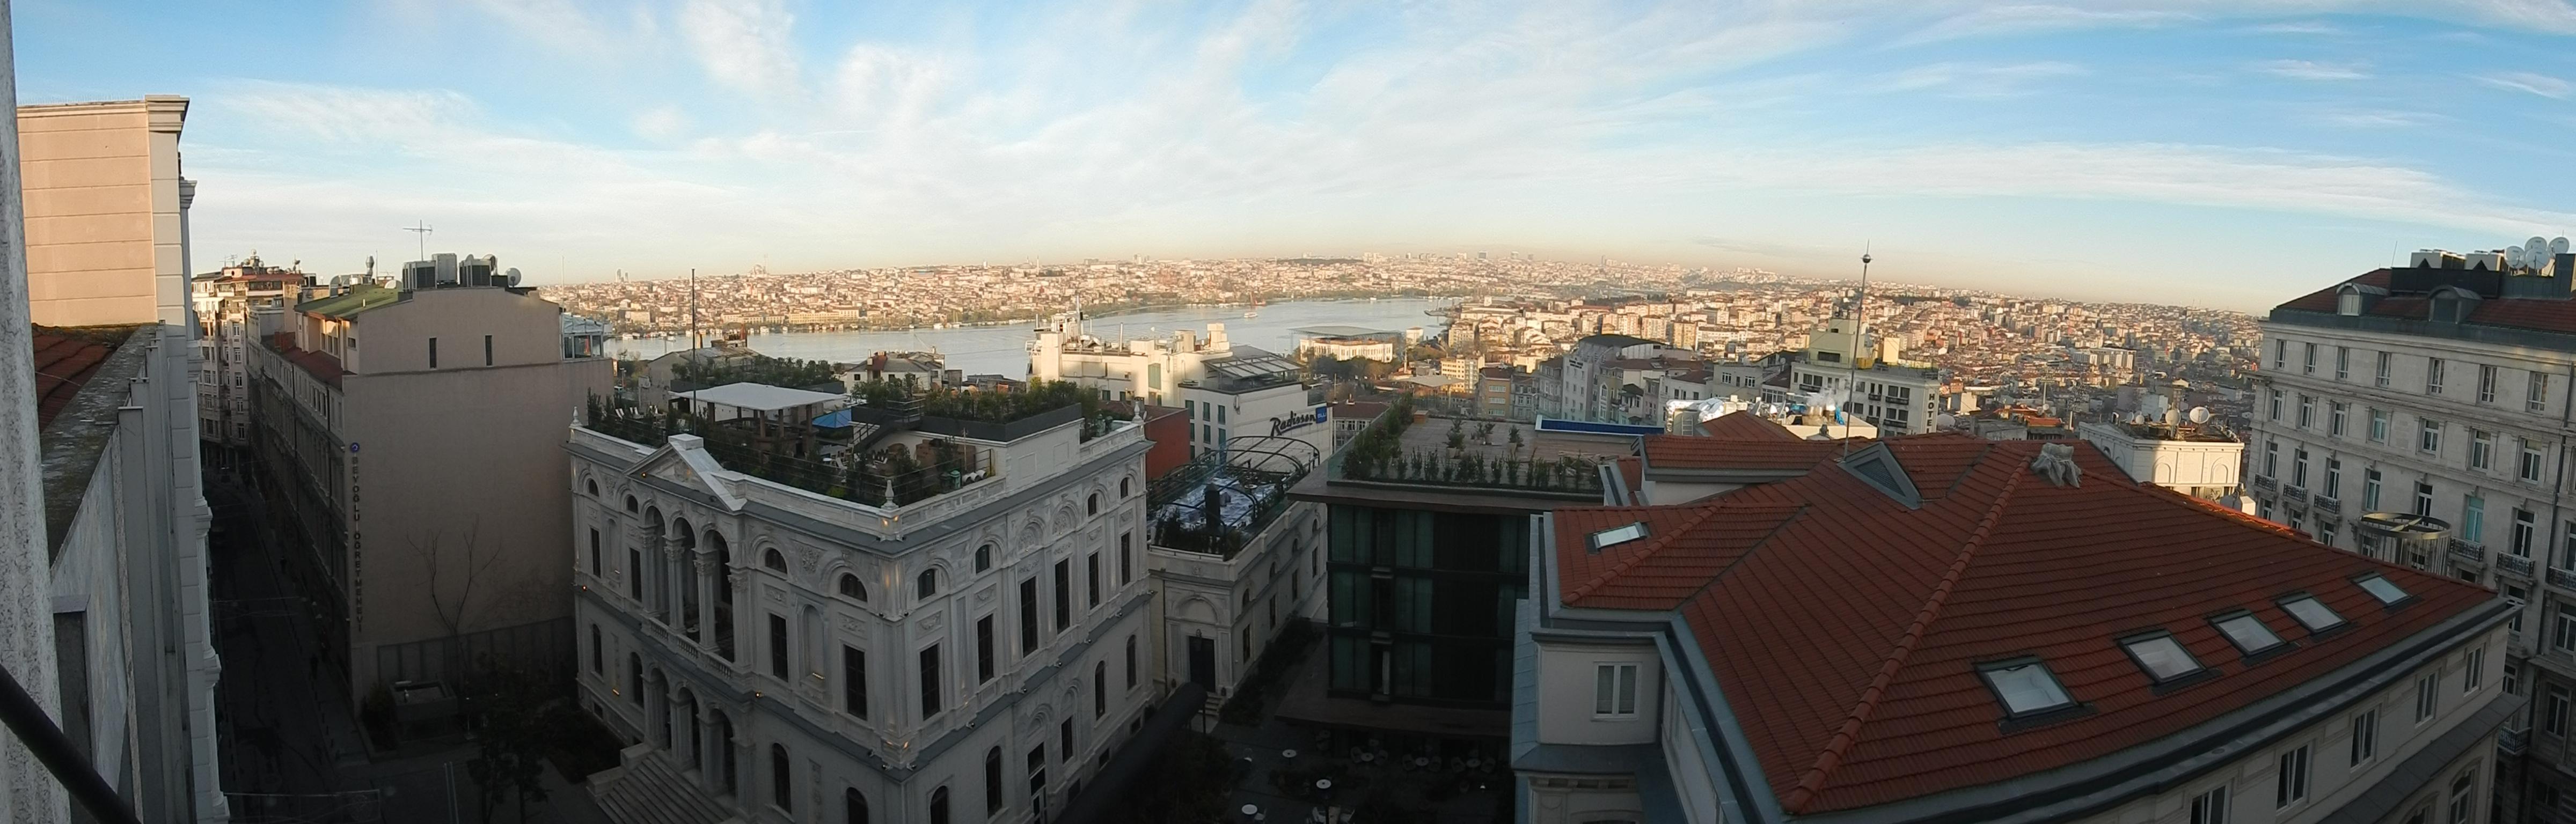 Vista panorámica del distrito de Beyoglu, en Estambul, en la actualidad.